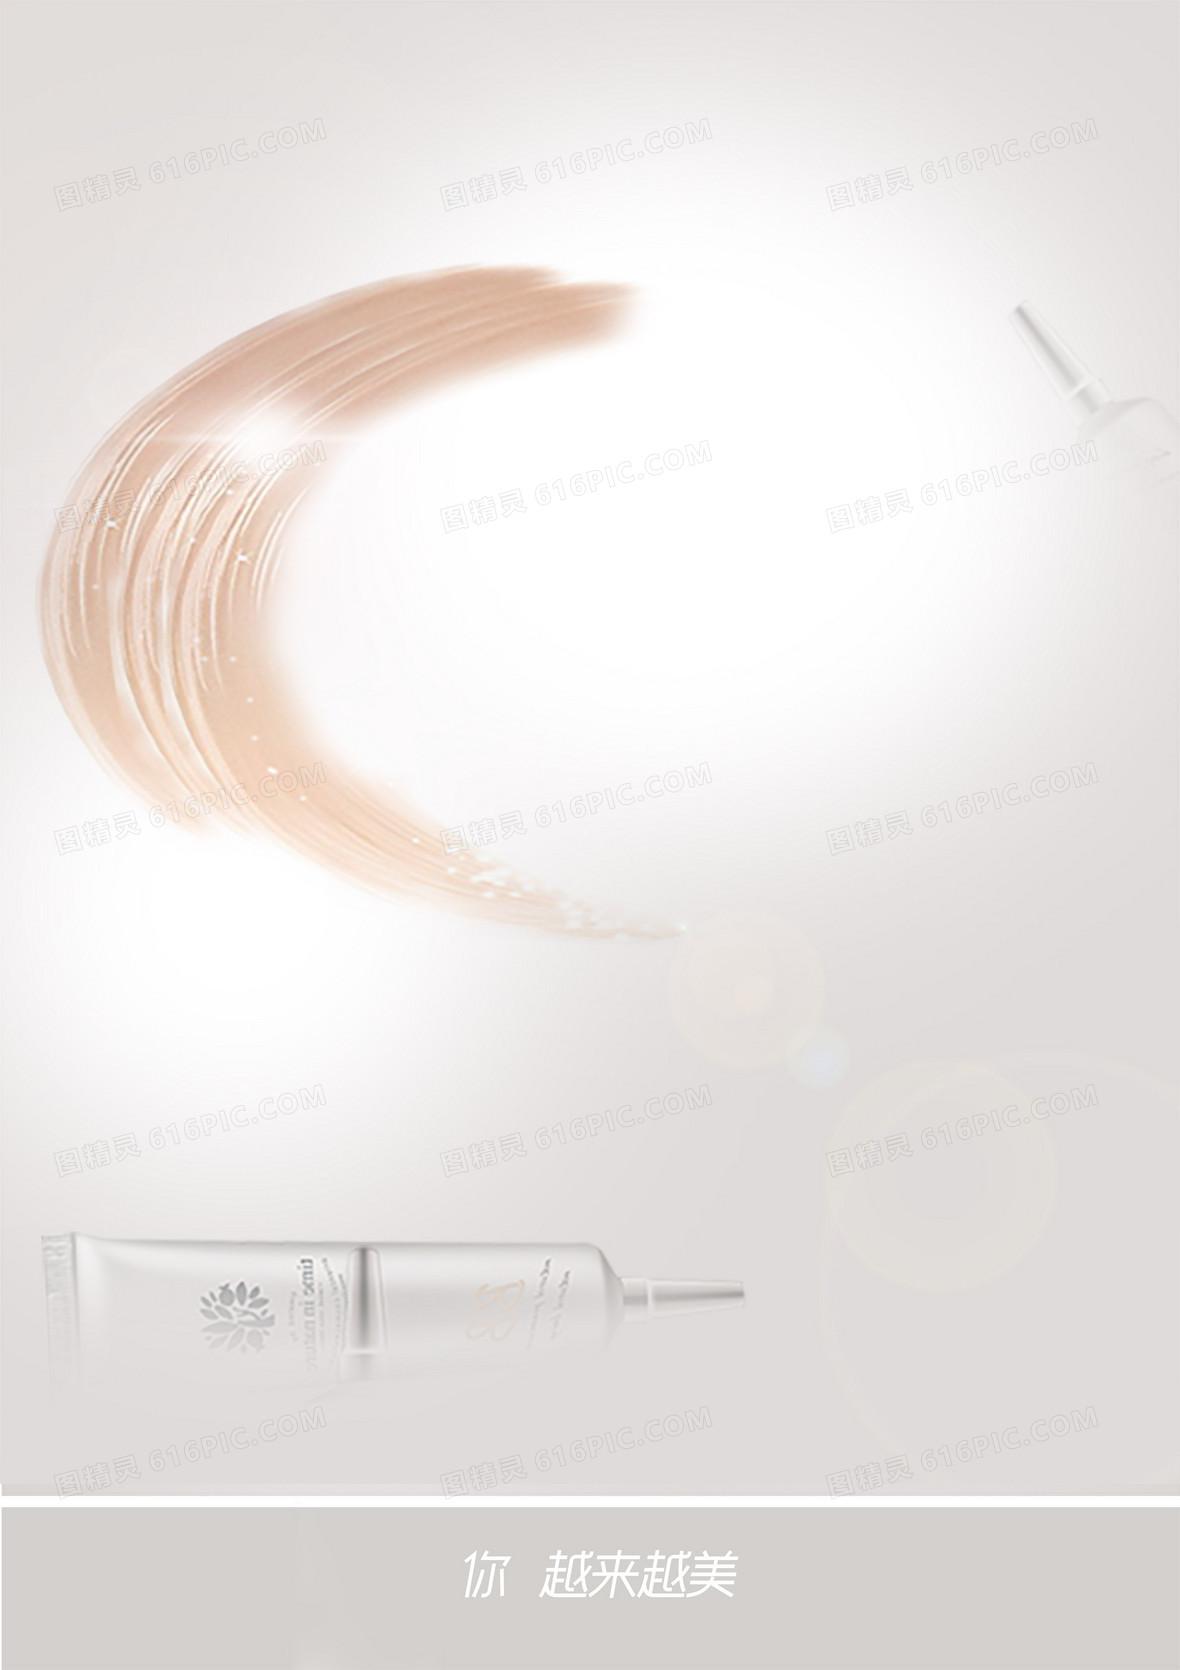 bb霜化妆品背景素材